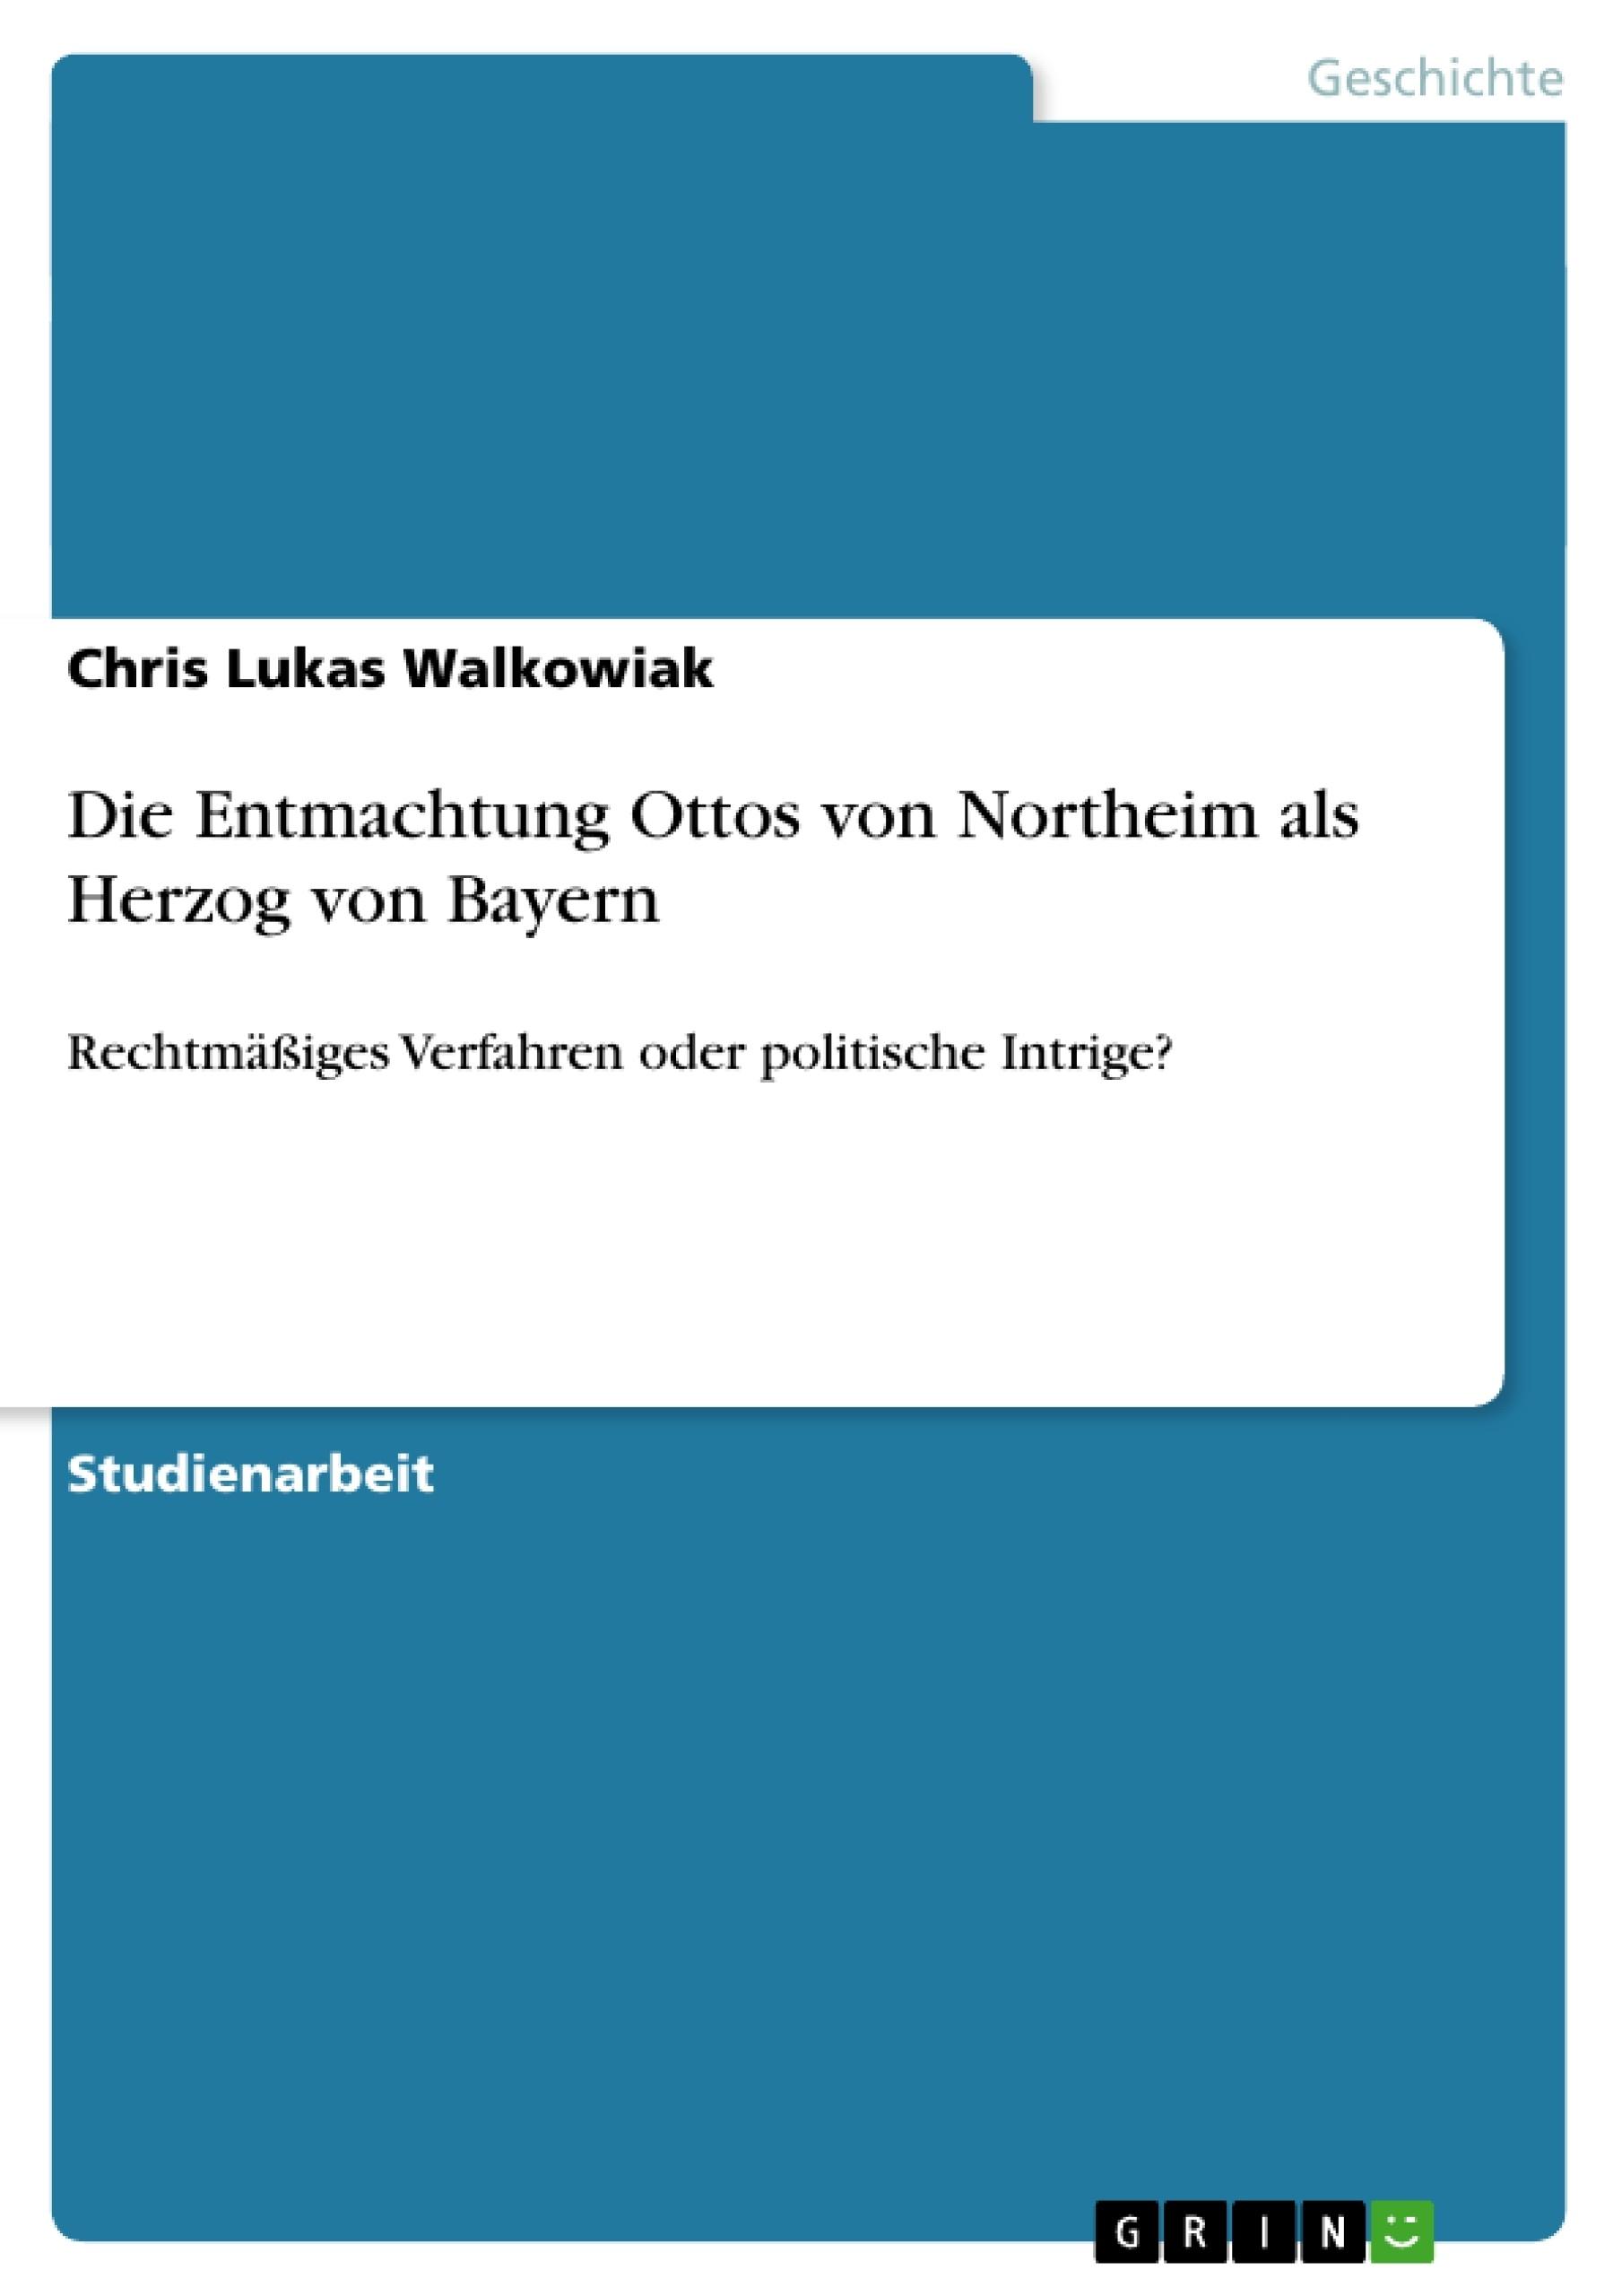 Titel: Die Entmachtung Ottos von Northeim als Herzog von Bayern